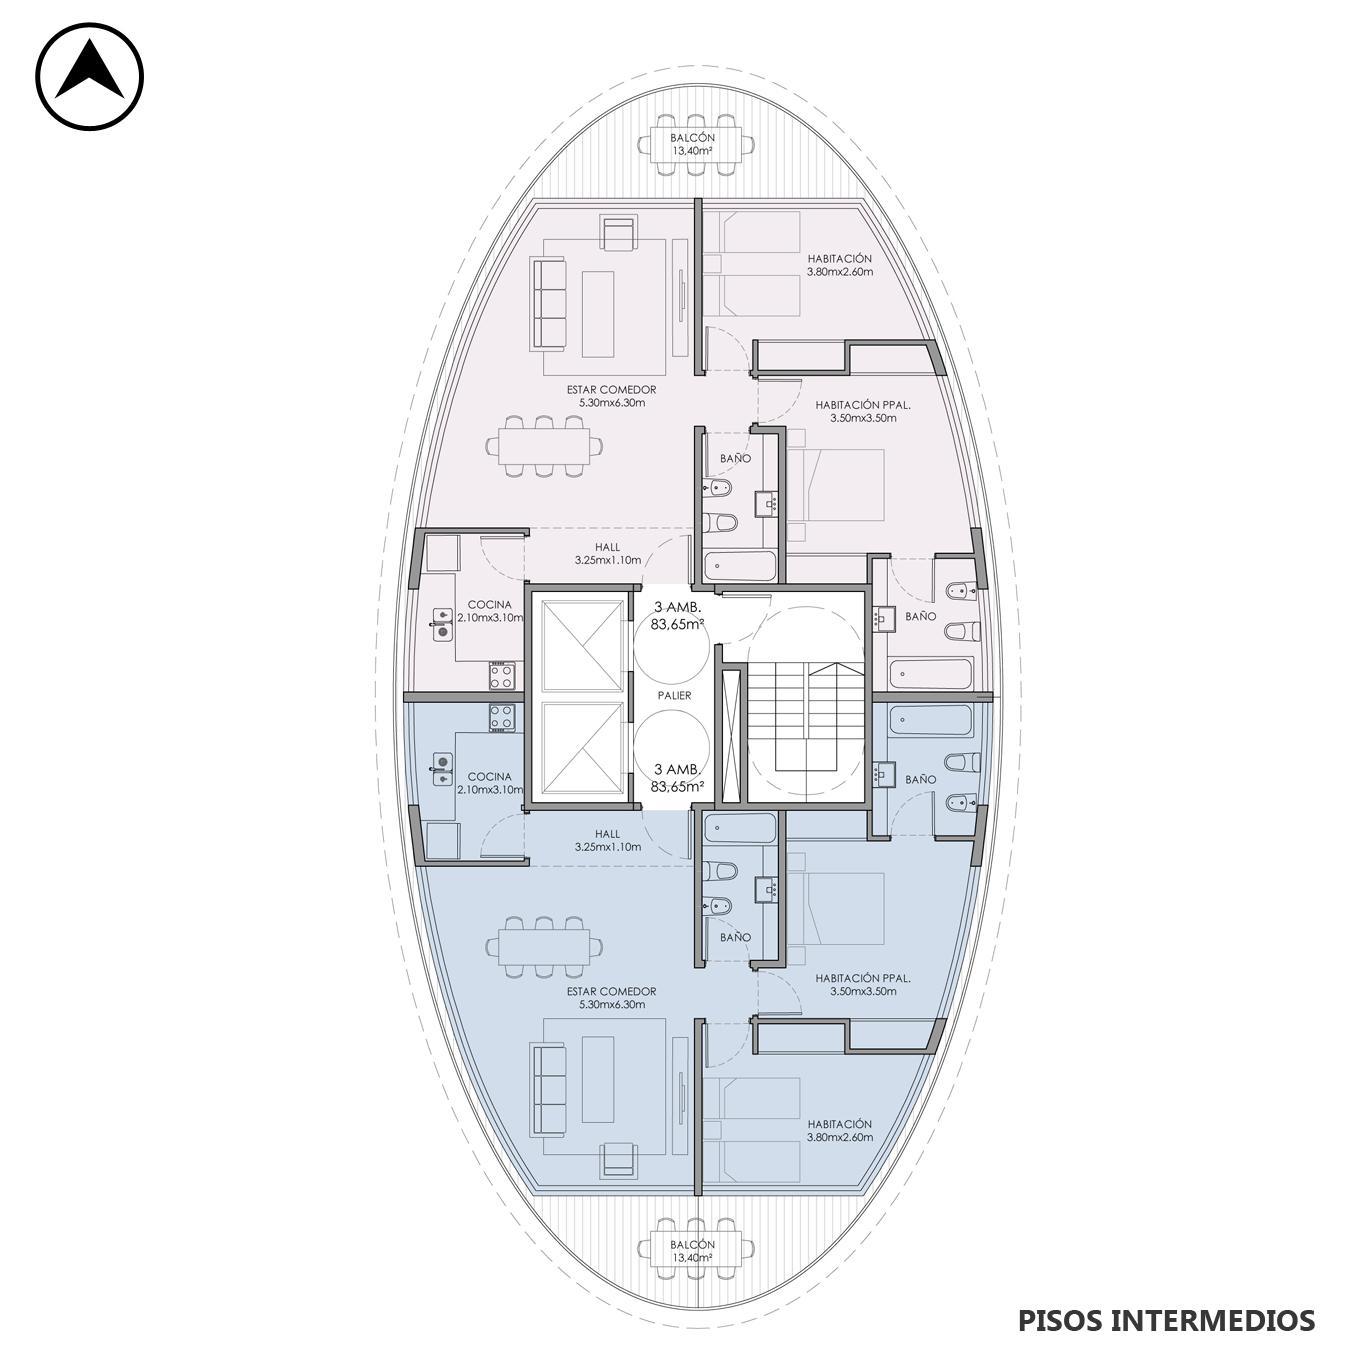 Venta departamento 3 dormitorios Rosario, Centro. Cod CBU23680 AP2227428. Crestale Propiedades